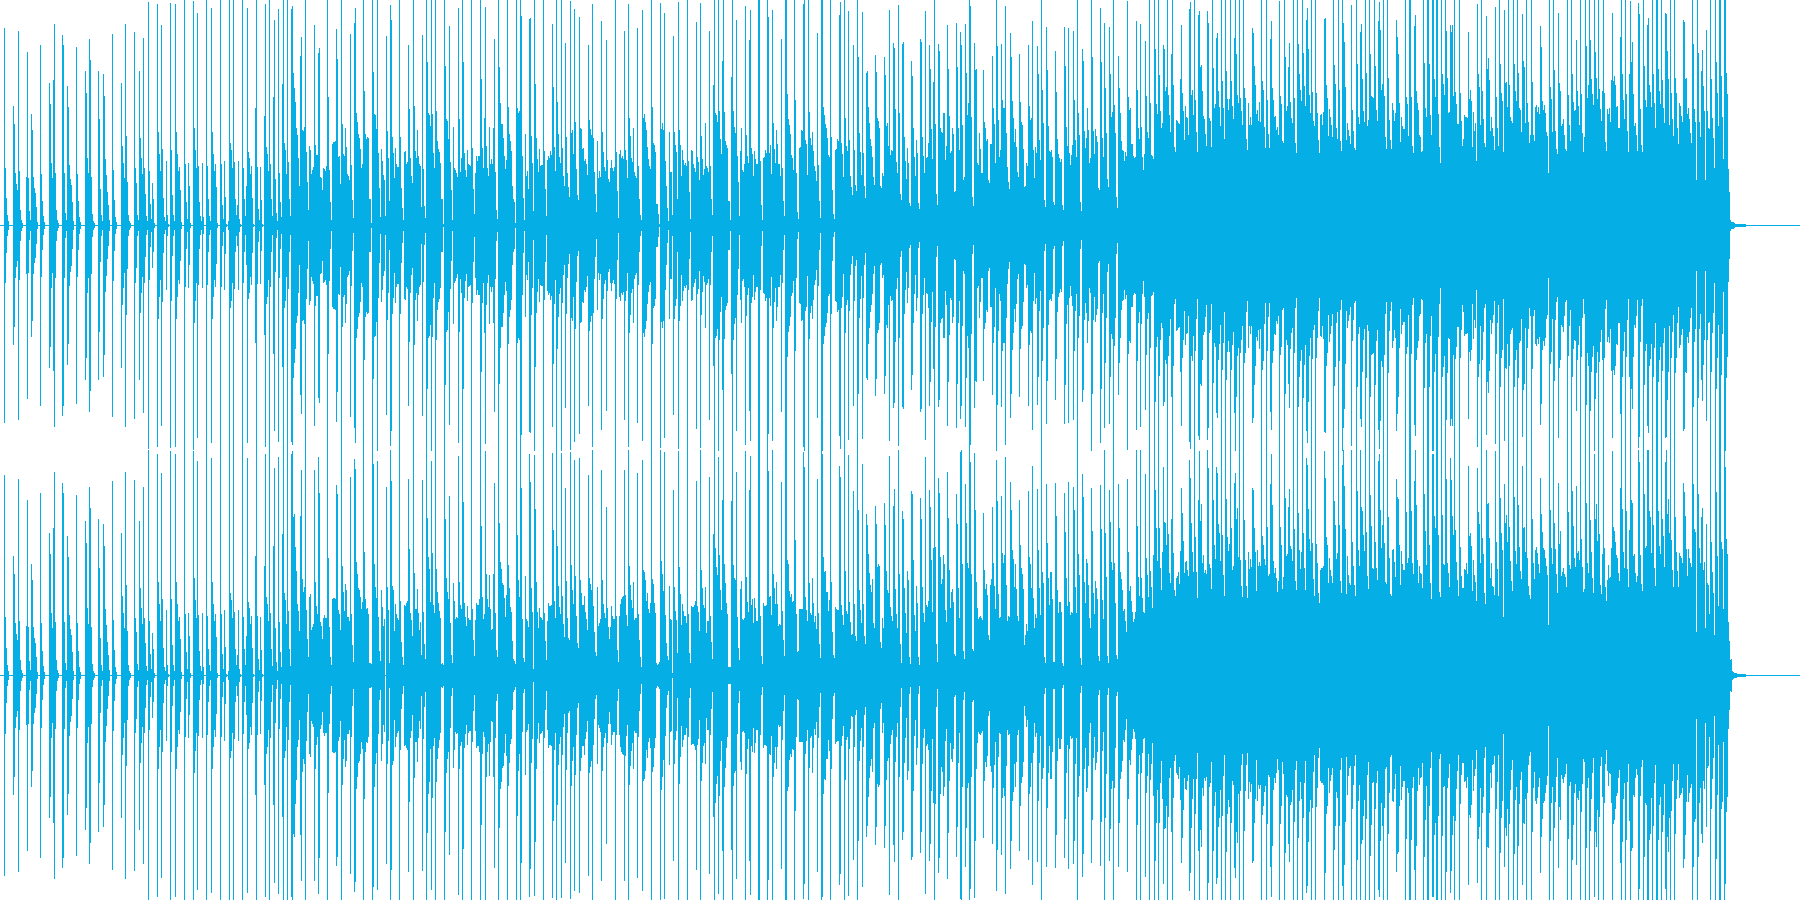 楽しいダンス曲の再生済みの波形